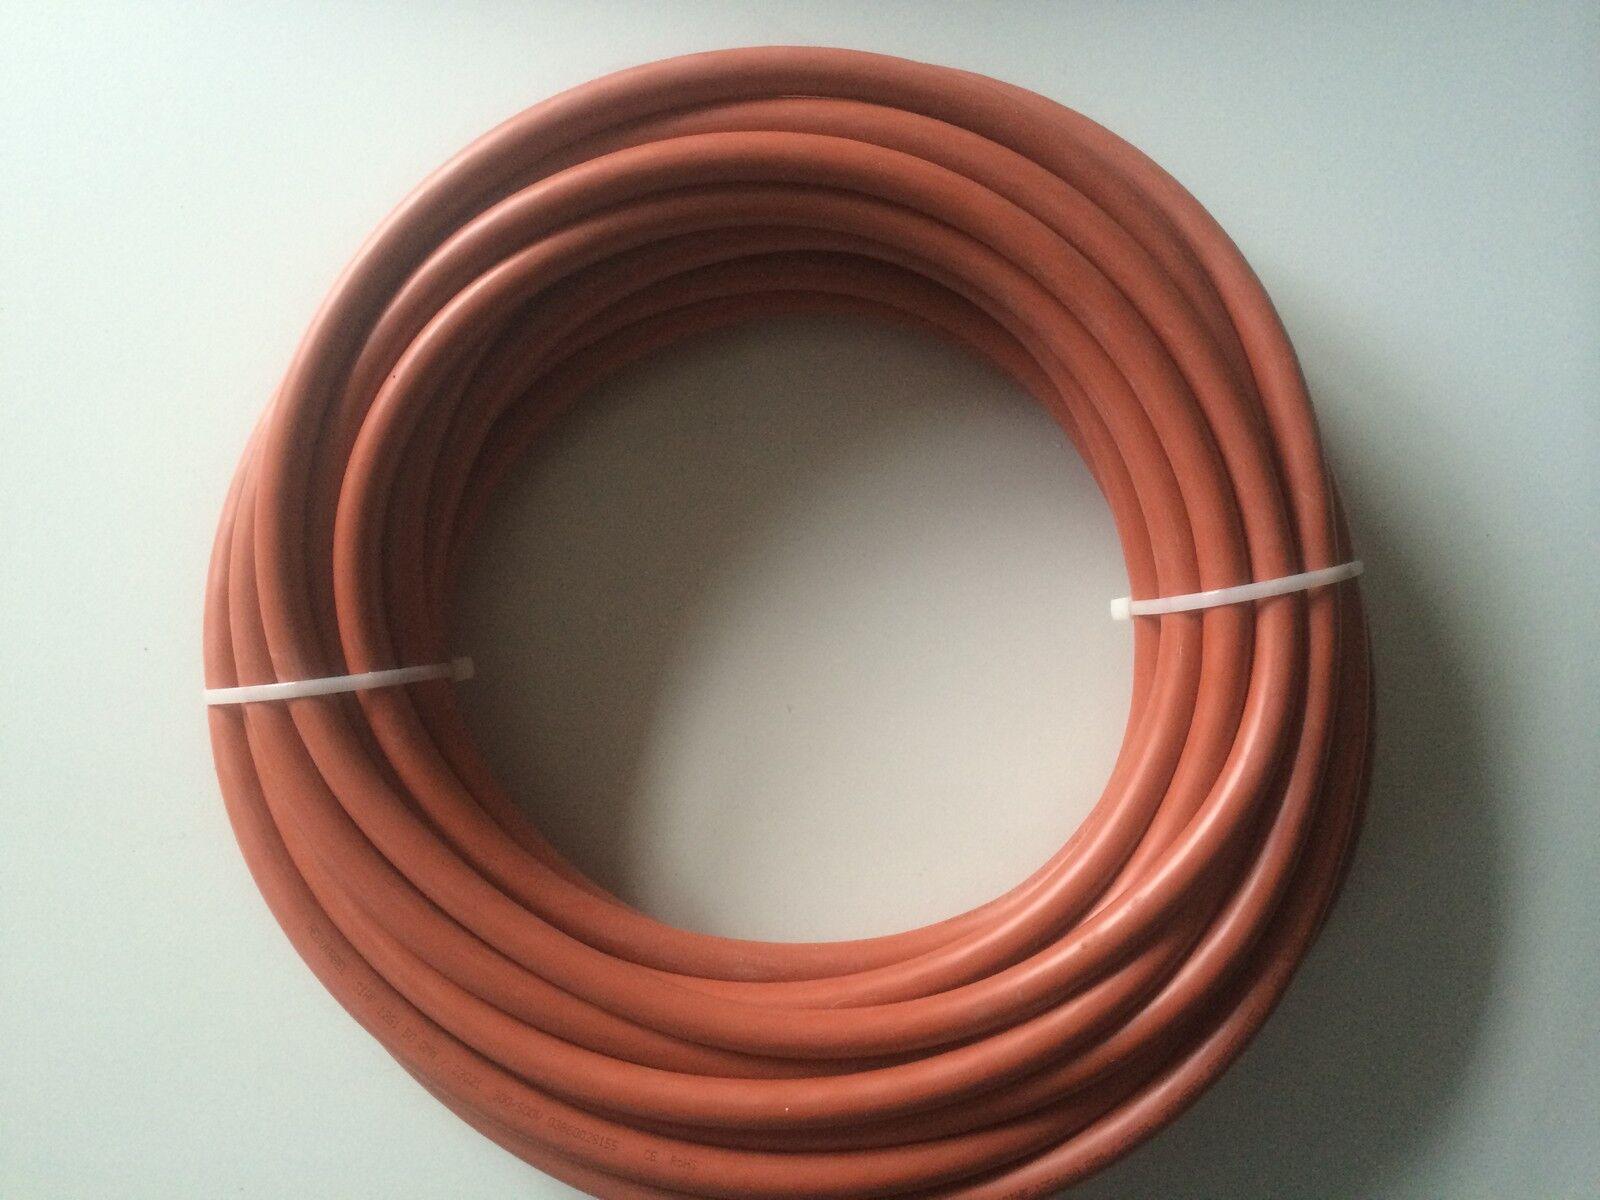 20,0 m SiHF-J Silikonkabel 6x1,0mm² DIN VDE Zert., braun,halogenfrei